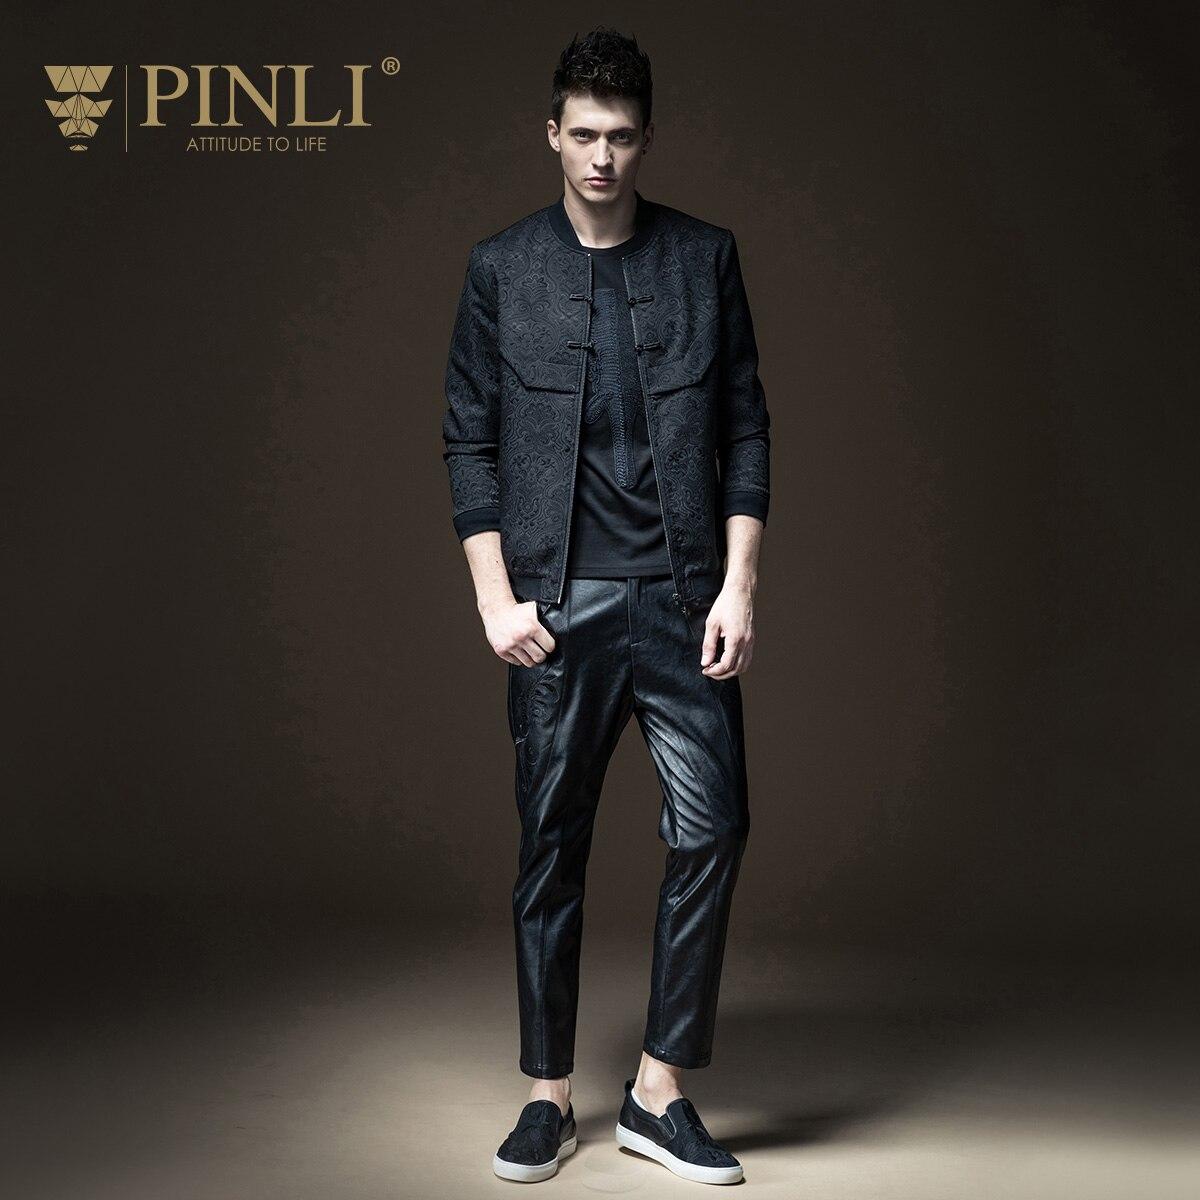 2017 Time-limited Standard Zipper Solid Pinli, 2017, Fall, New Menswear, Slim Jacquard, Baseball Jacket, Jacket,, B173204411